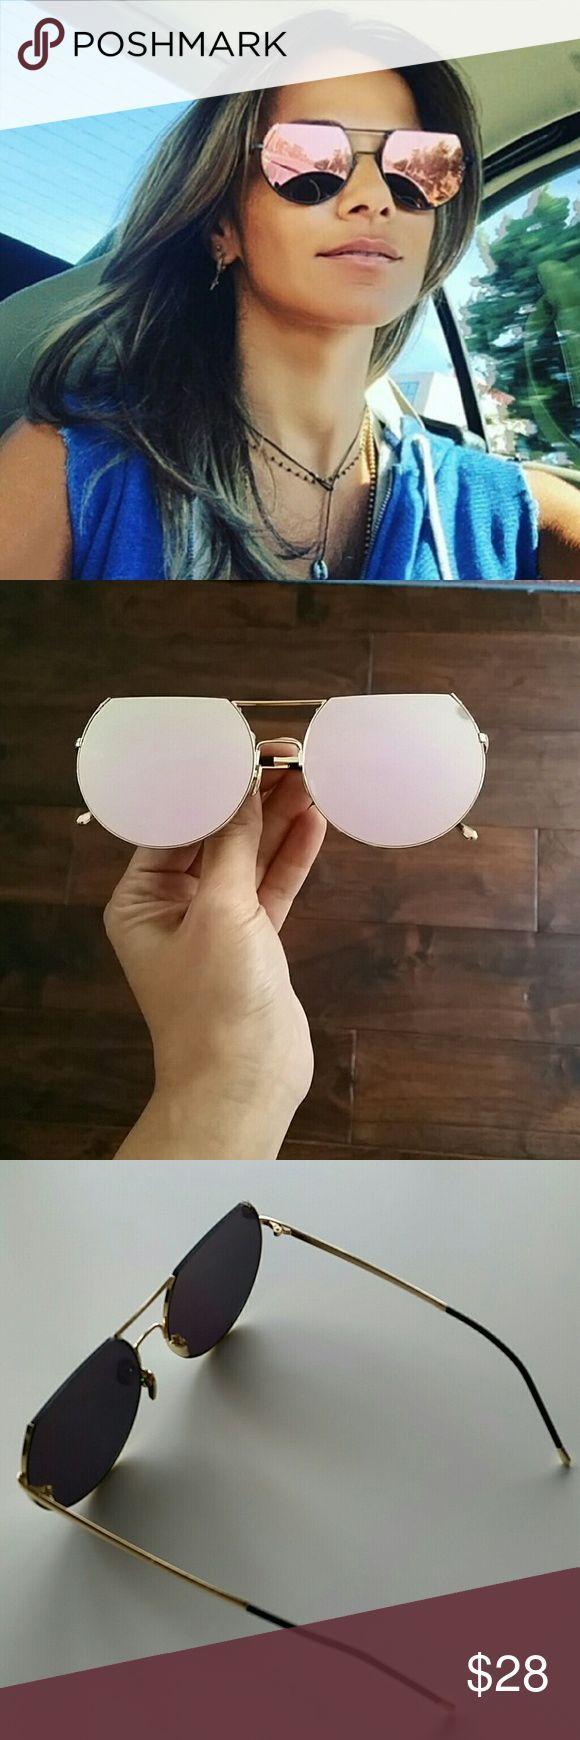 💙HP! 💙 Óculos de sol espelhados em ouro rosa com top plano Óculos de sol…